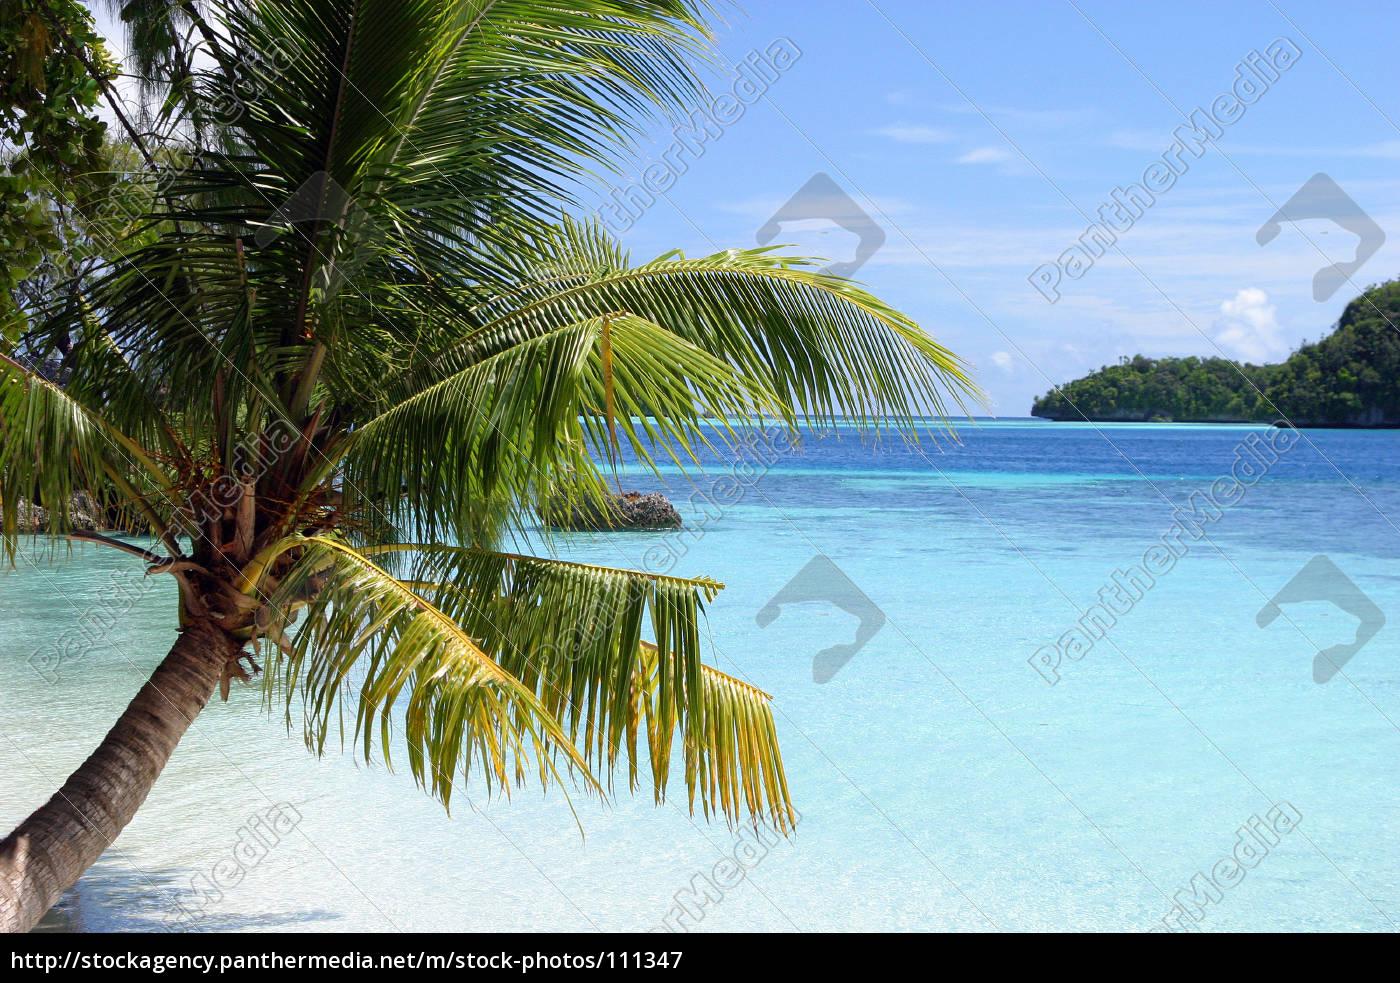 caribbean, dreams, i - 111347